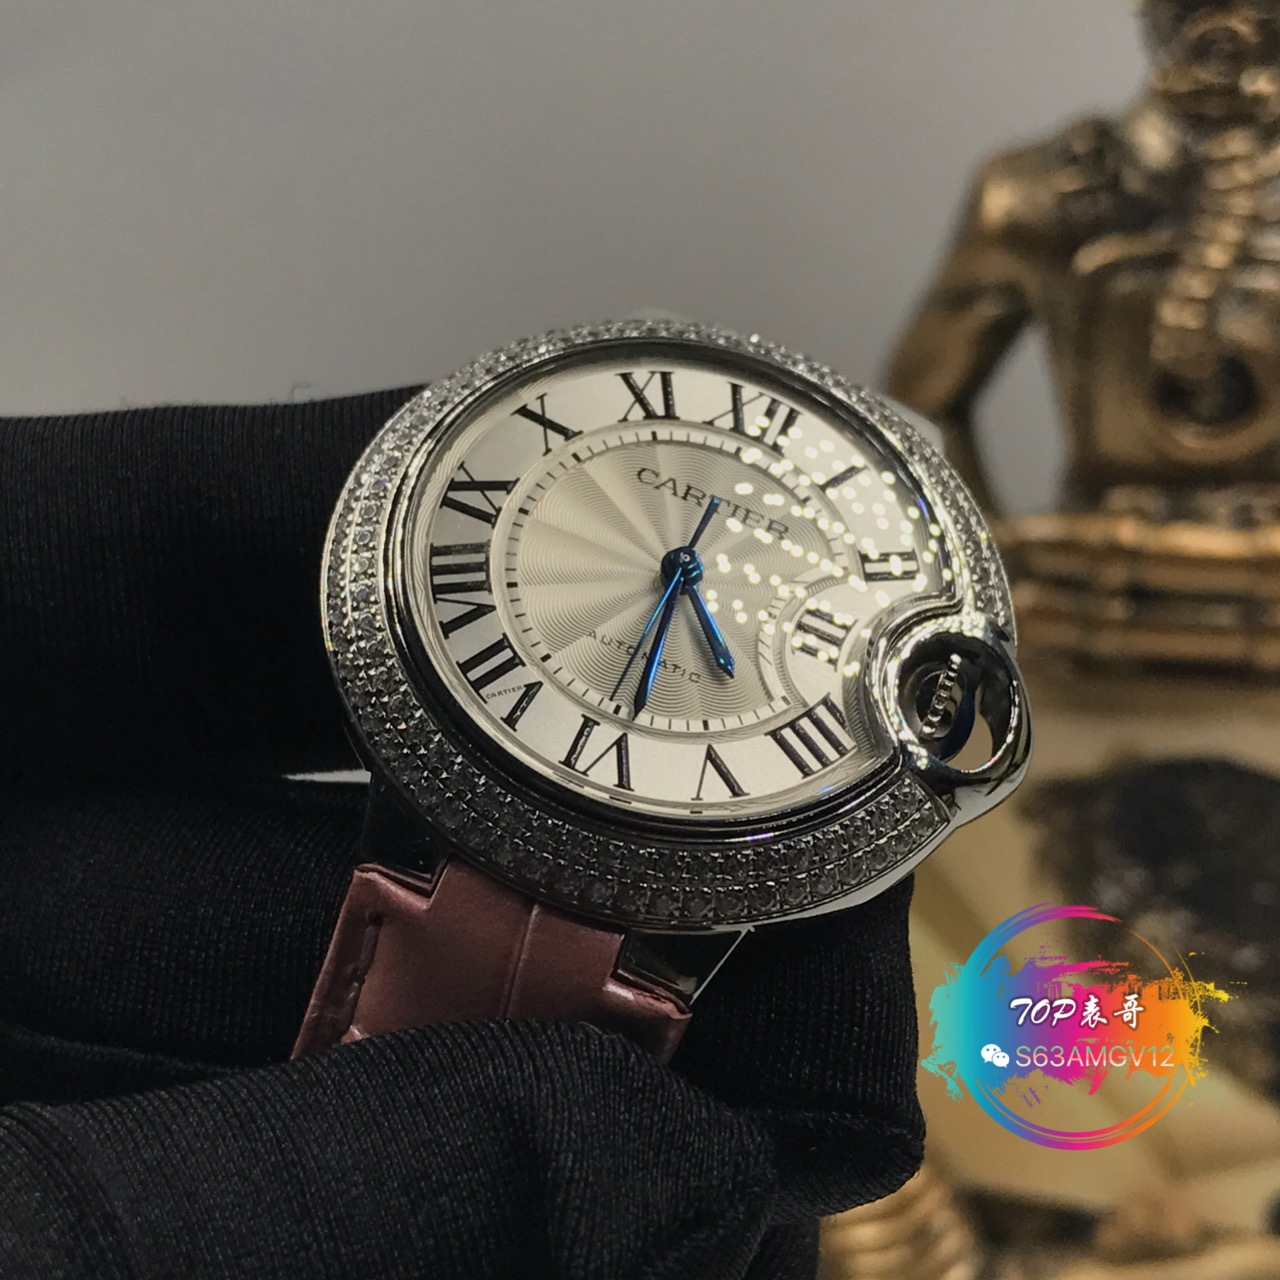 品鉴 卡地亚蓝气球36毫米机械镶钻圈WE900651腕表